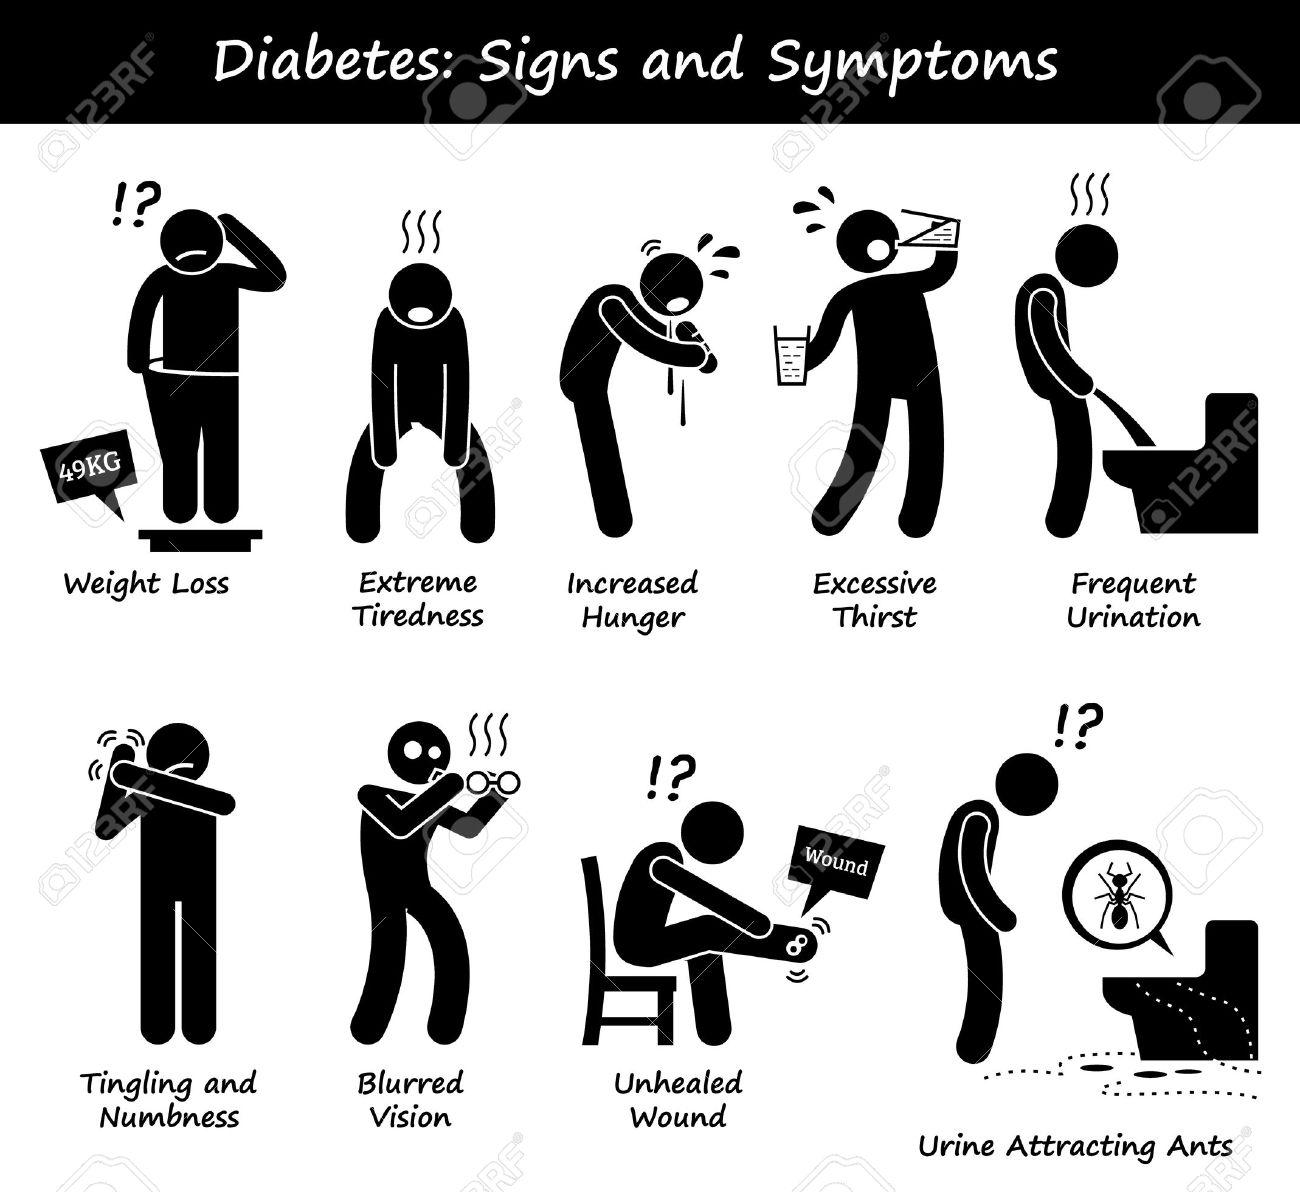 signos y síntomas de diabetes